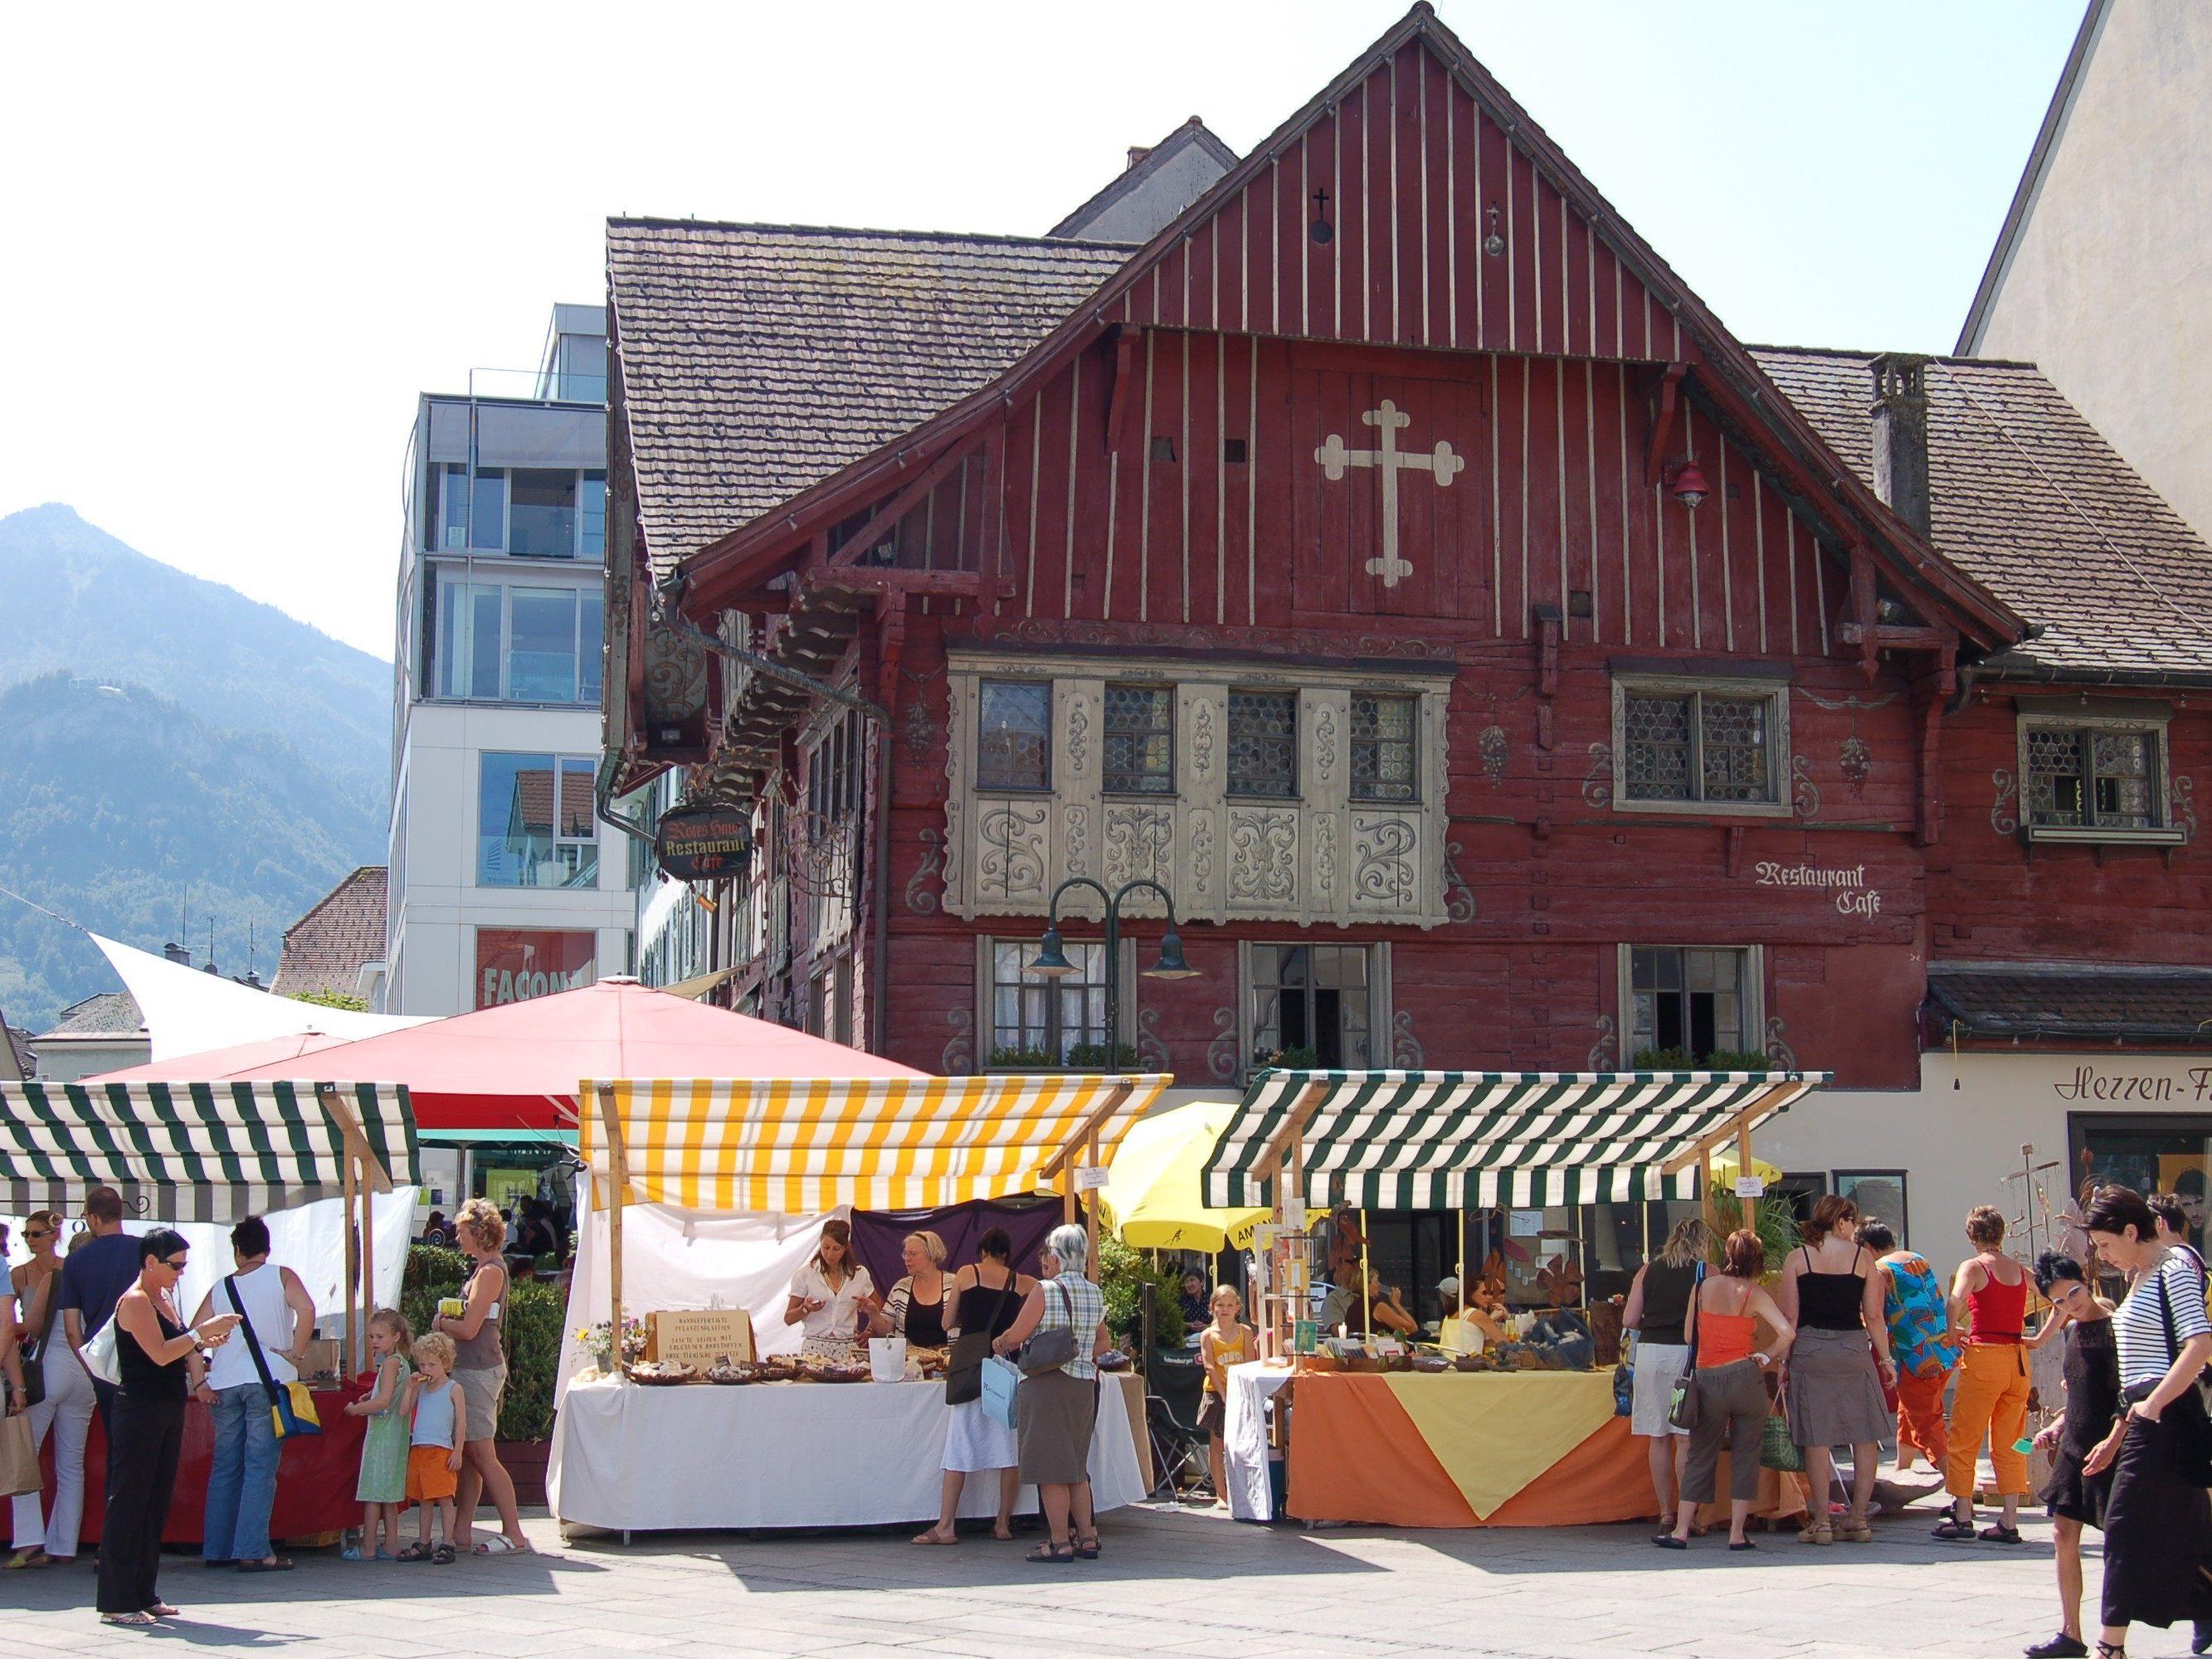 Am 31. Juli findet auf dem Marktplatz ein Kunsthandwerksmarkt statt.